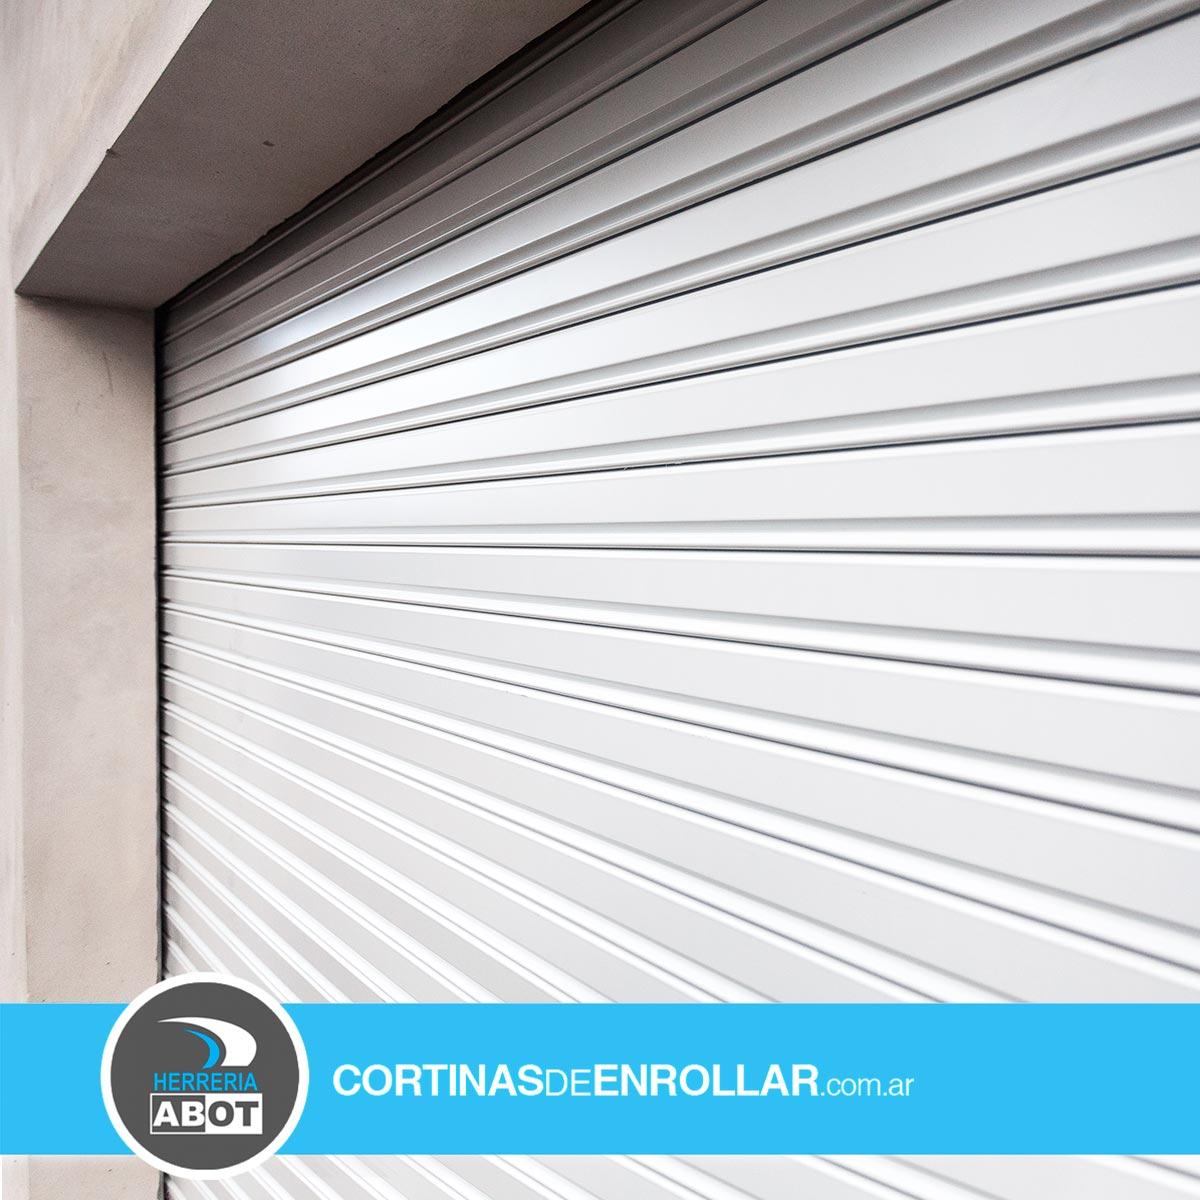 Cortina de Enrollar Blanca Ciega para Garage (Coronel Suárez, Buenos Aires)